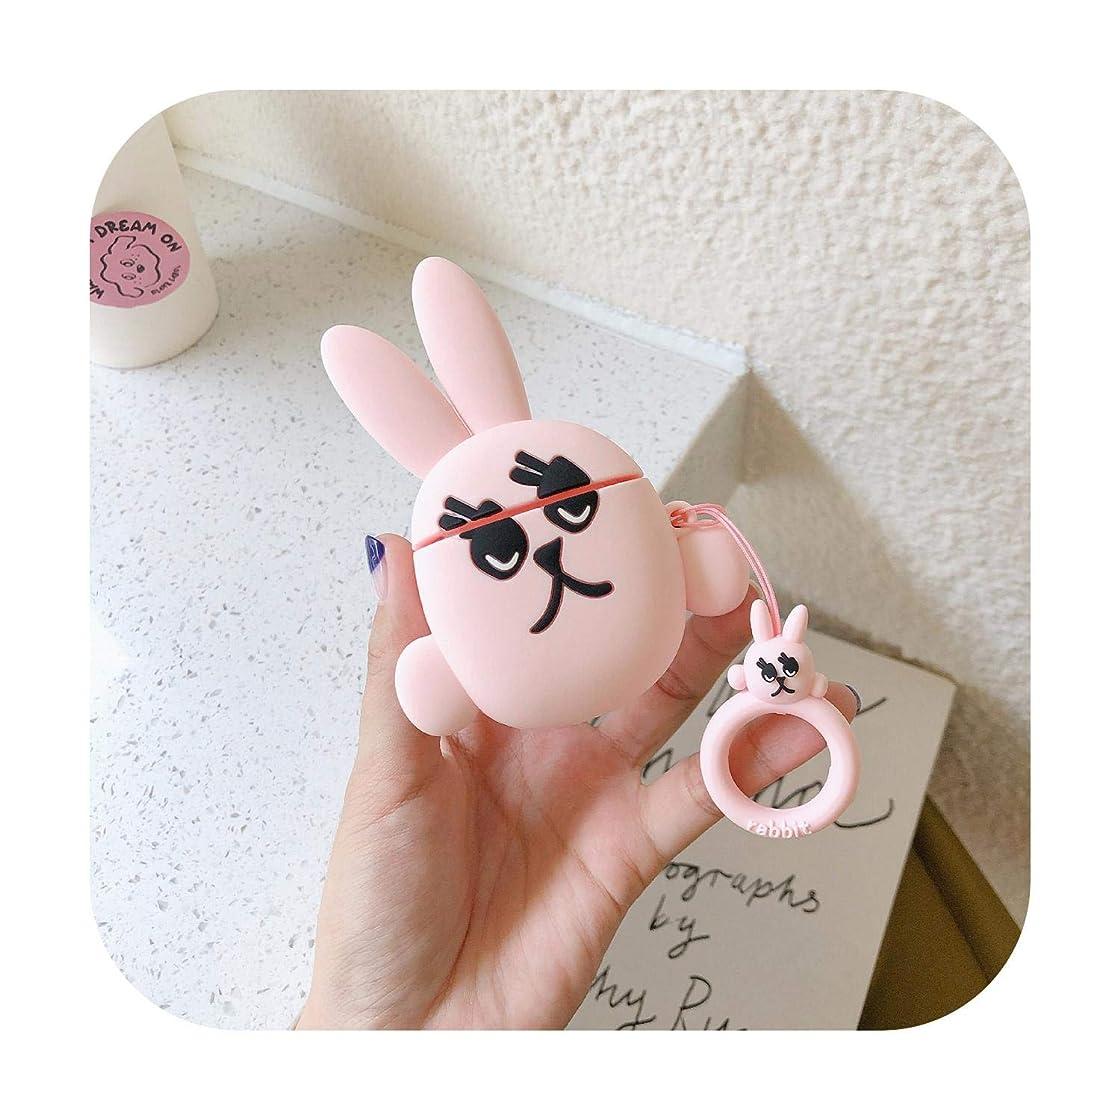 上げるスキル天の日本と韓国のかわいいステレオ漫画Airpods用保護カバー小さな白いウサギワイヤレスBluetoothヘッドセットシェル-ピンクの絵文字ウサギ-エアポッド用に適用可能